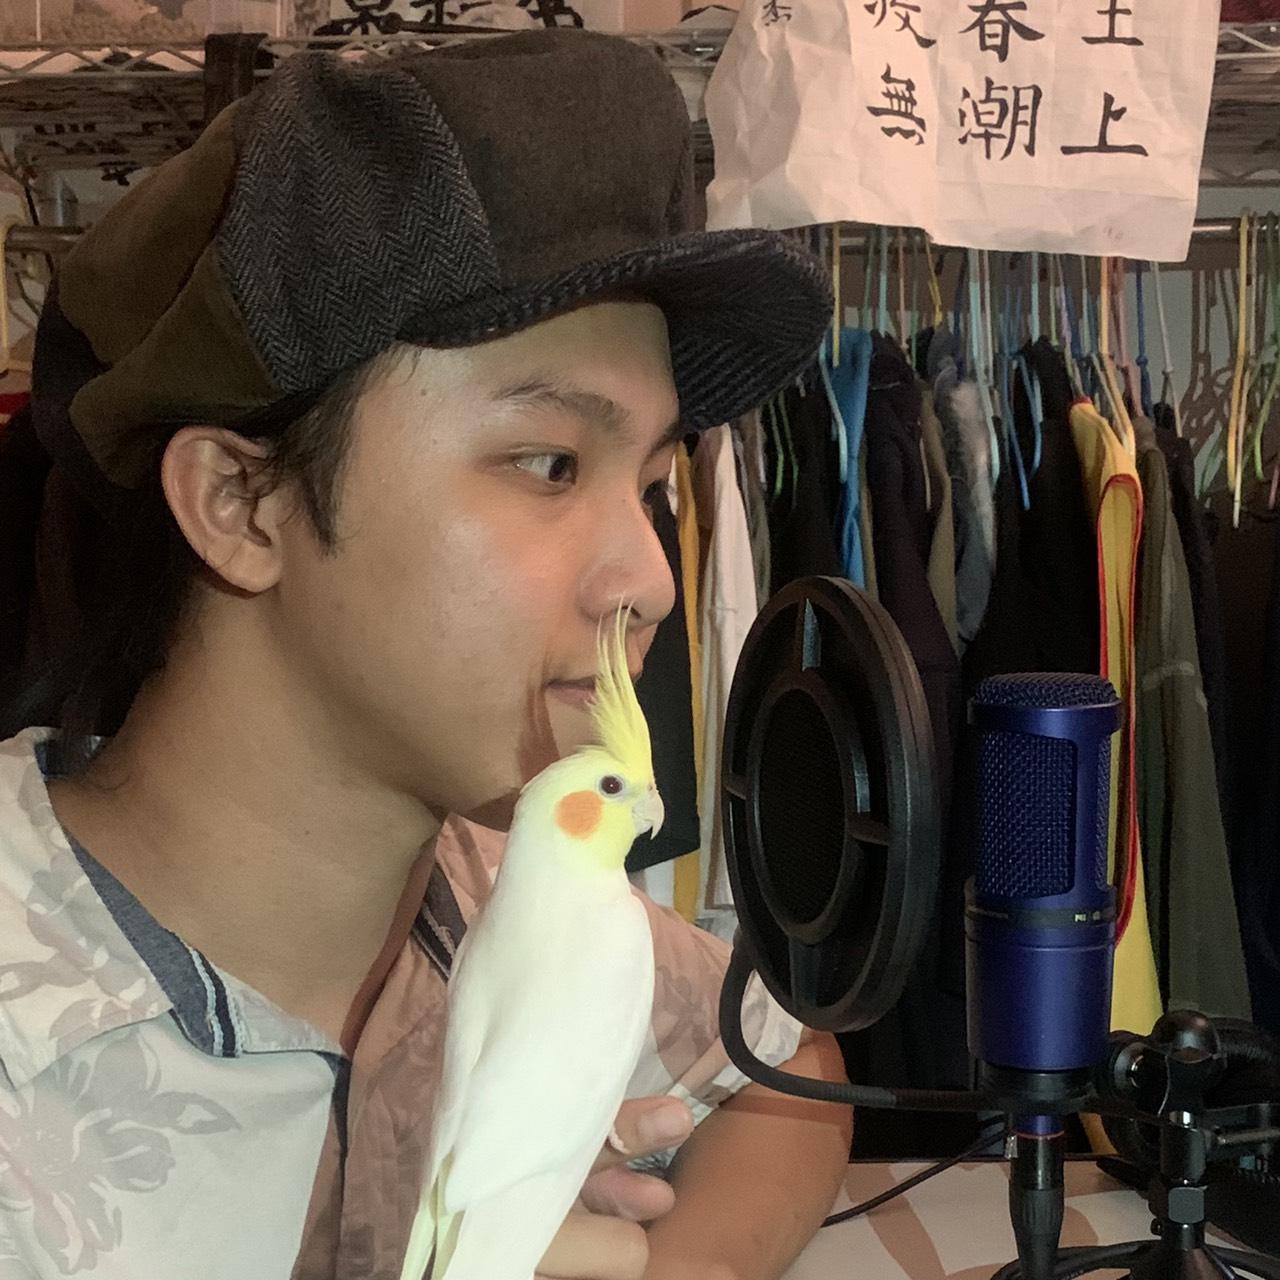 【隔離2021 #15】With 何菲洛 Philo - 何爸爸鳥園大老闆蒞臨指導,何爸爸終於發瘋了嗎?